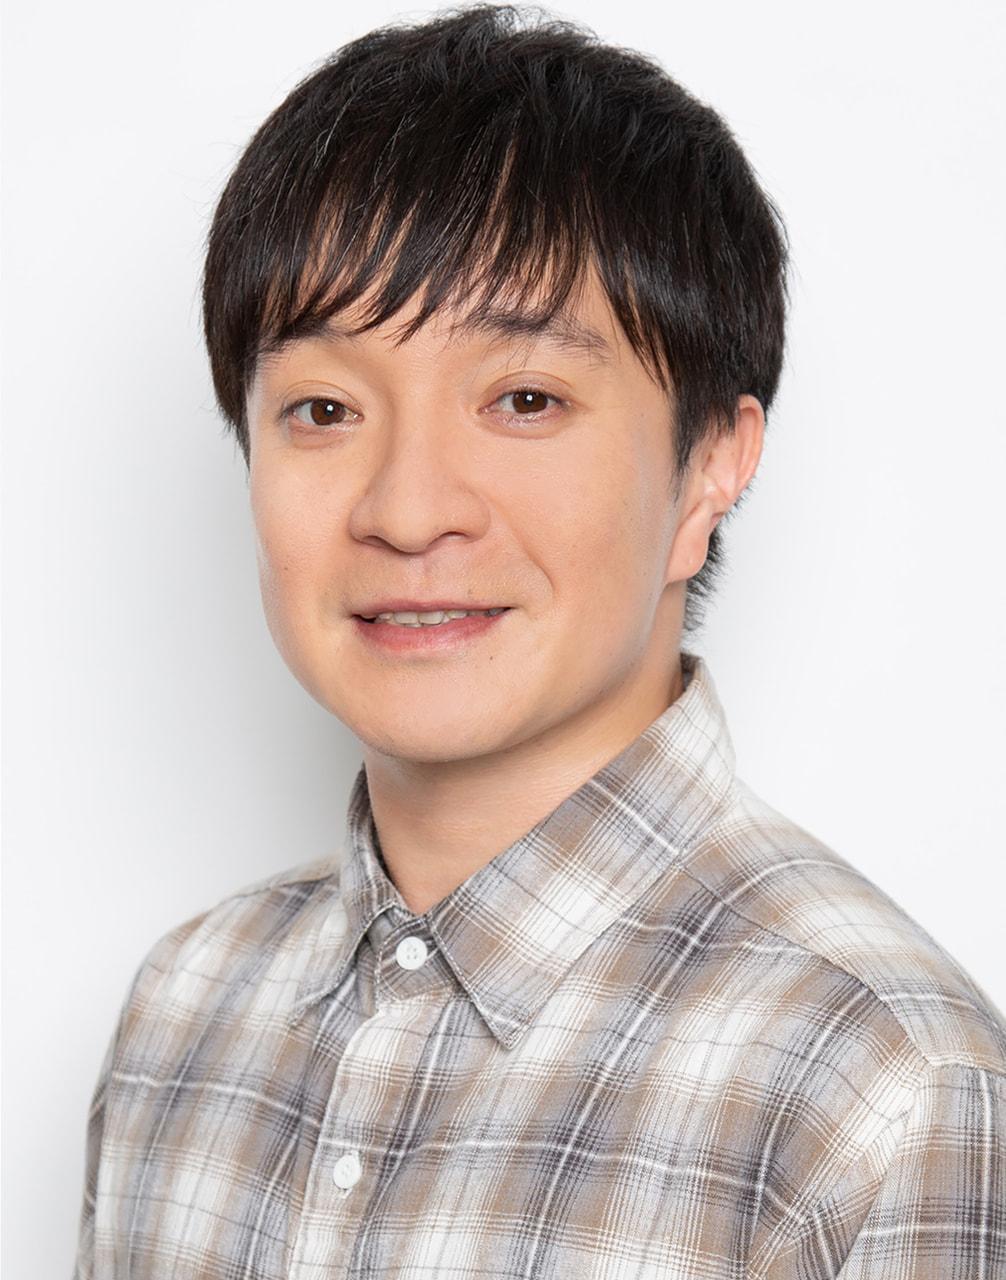 秋元康が仕掛ける新ドラマが主演・濱田岳で放送決定!『じゃない方の彼女』10月スタート